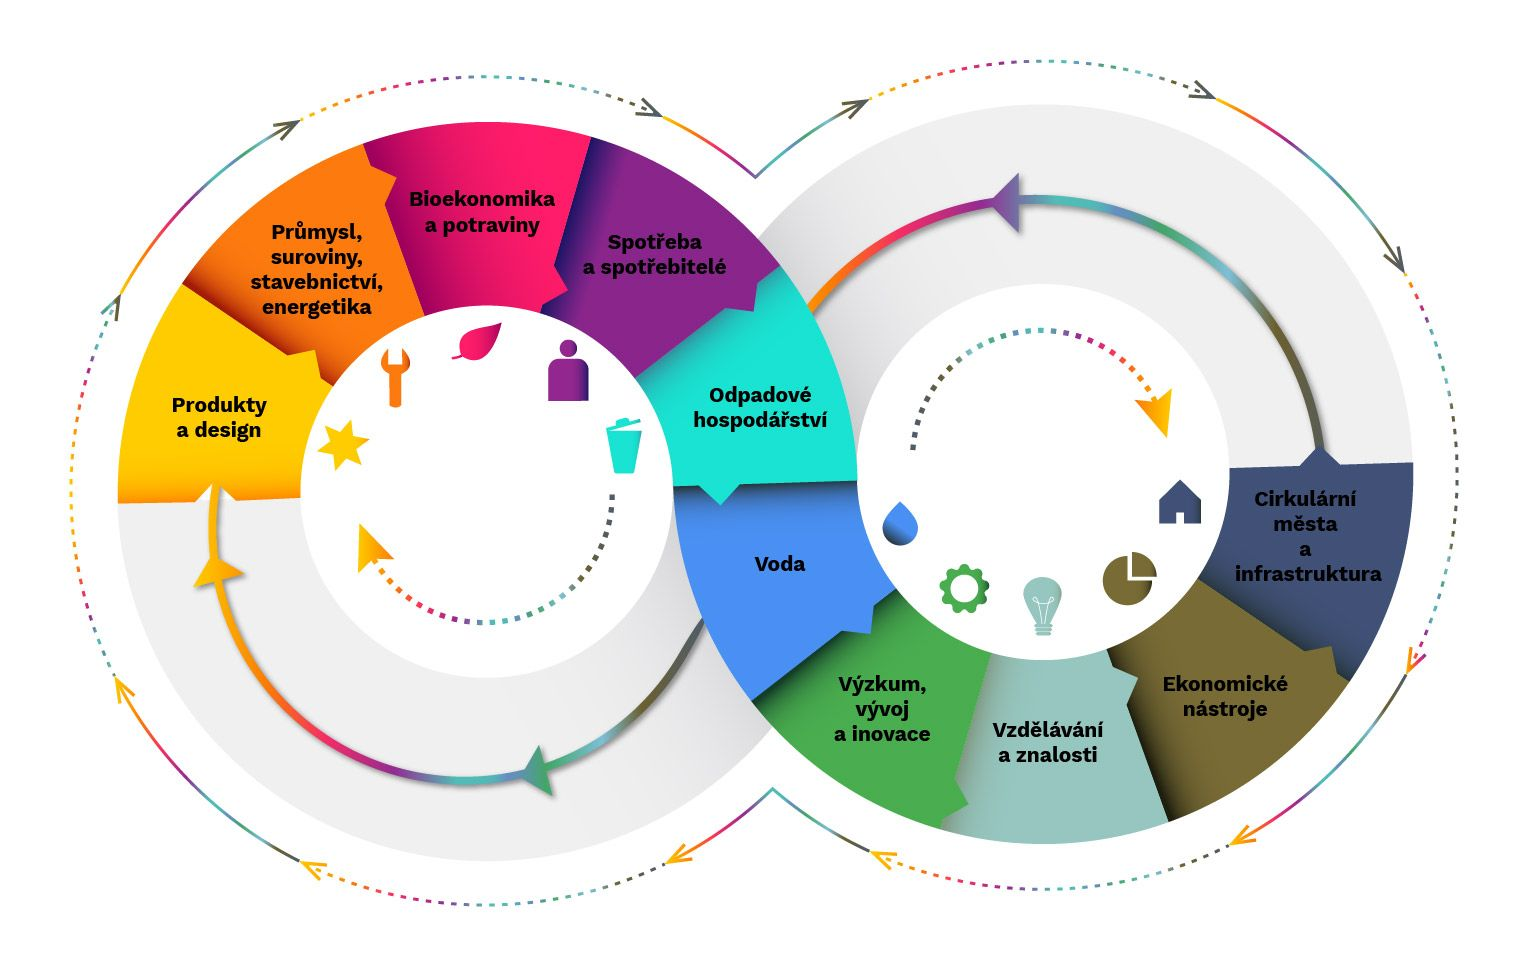 Cirkulární Česko 2040: OECD dokončila analýzy k přípravě strategie oběhového hospodářství ČR